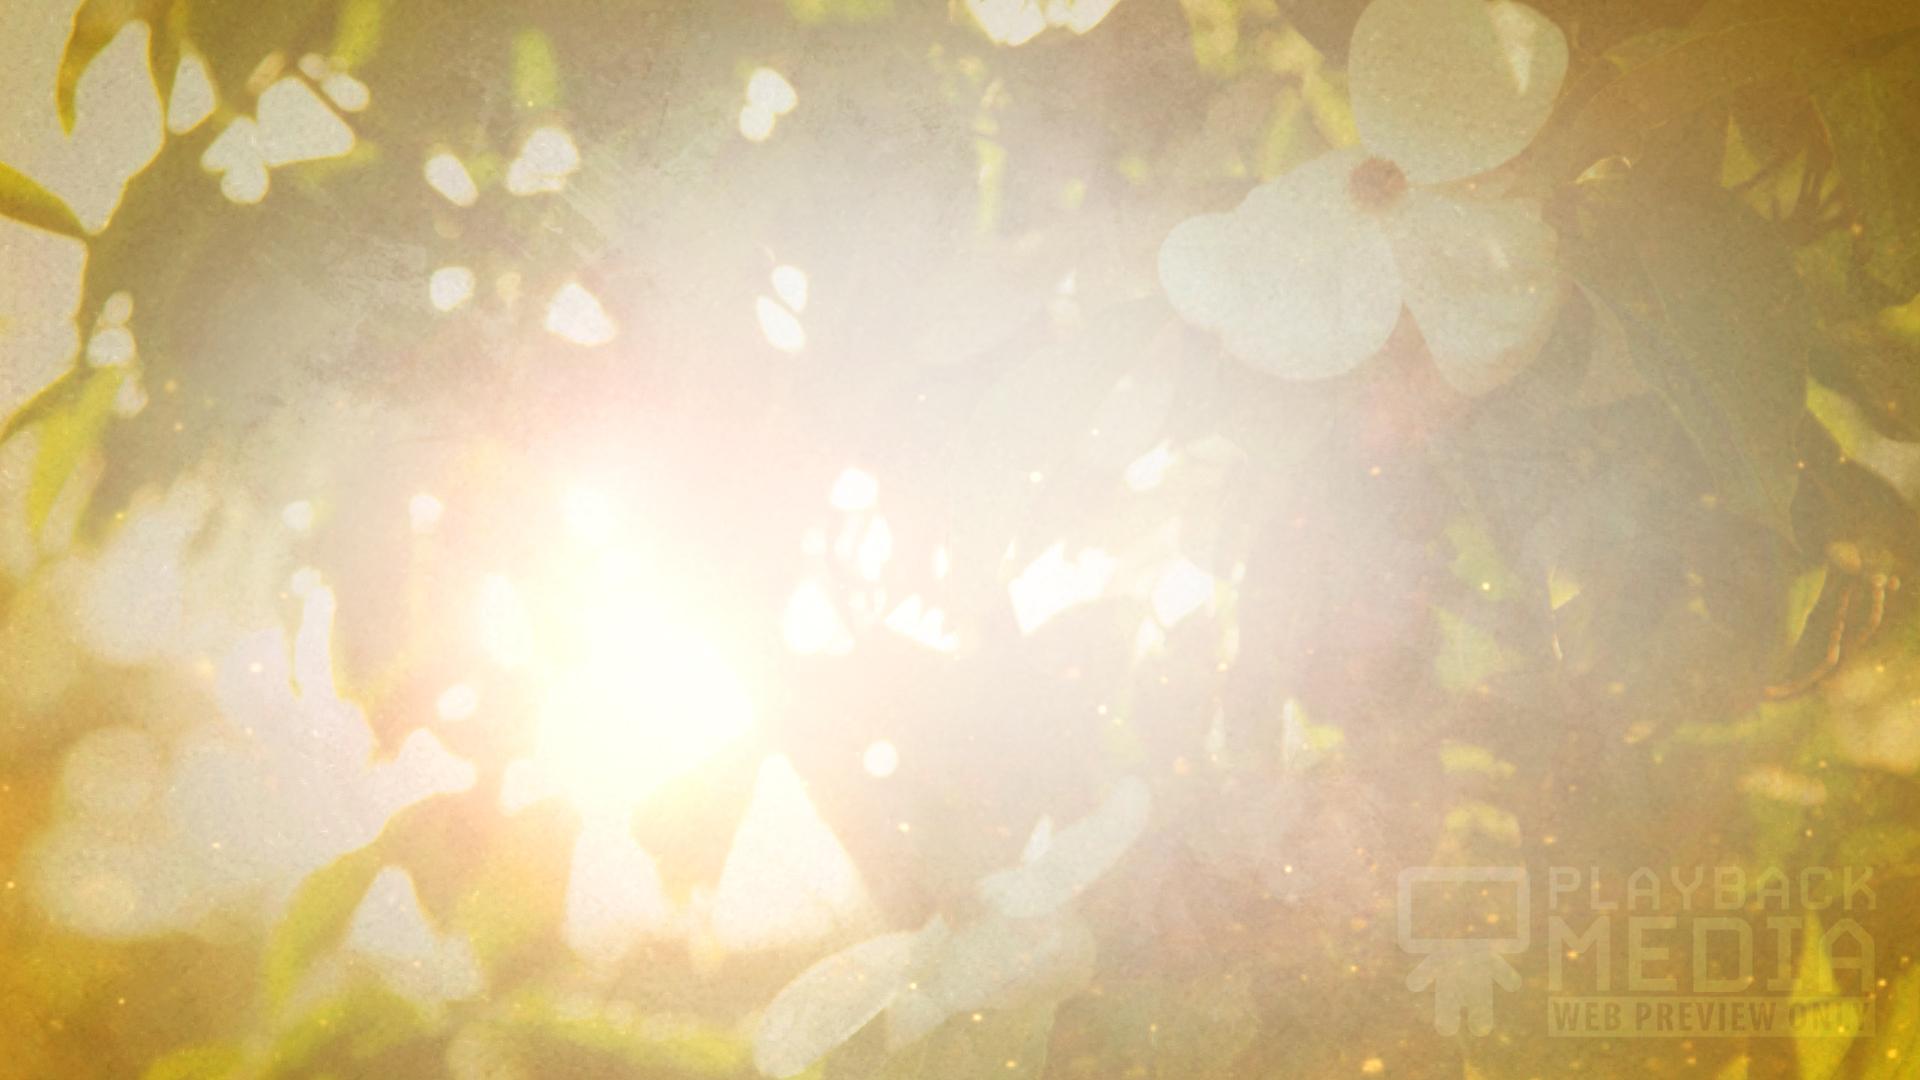 Sunny Days Motion 1 Image